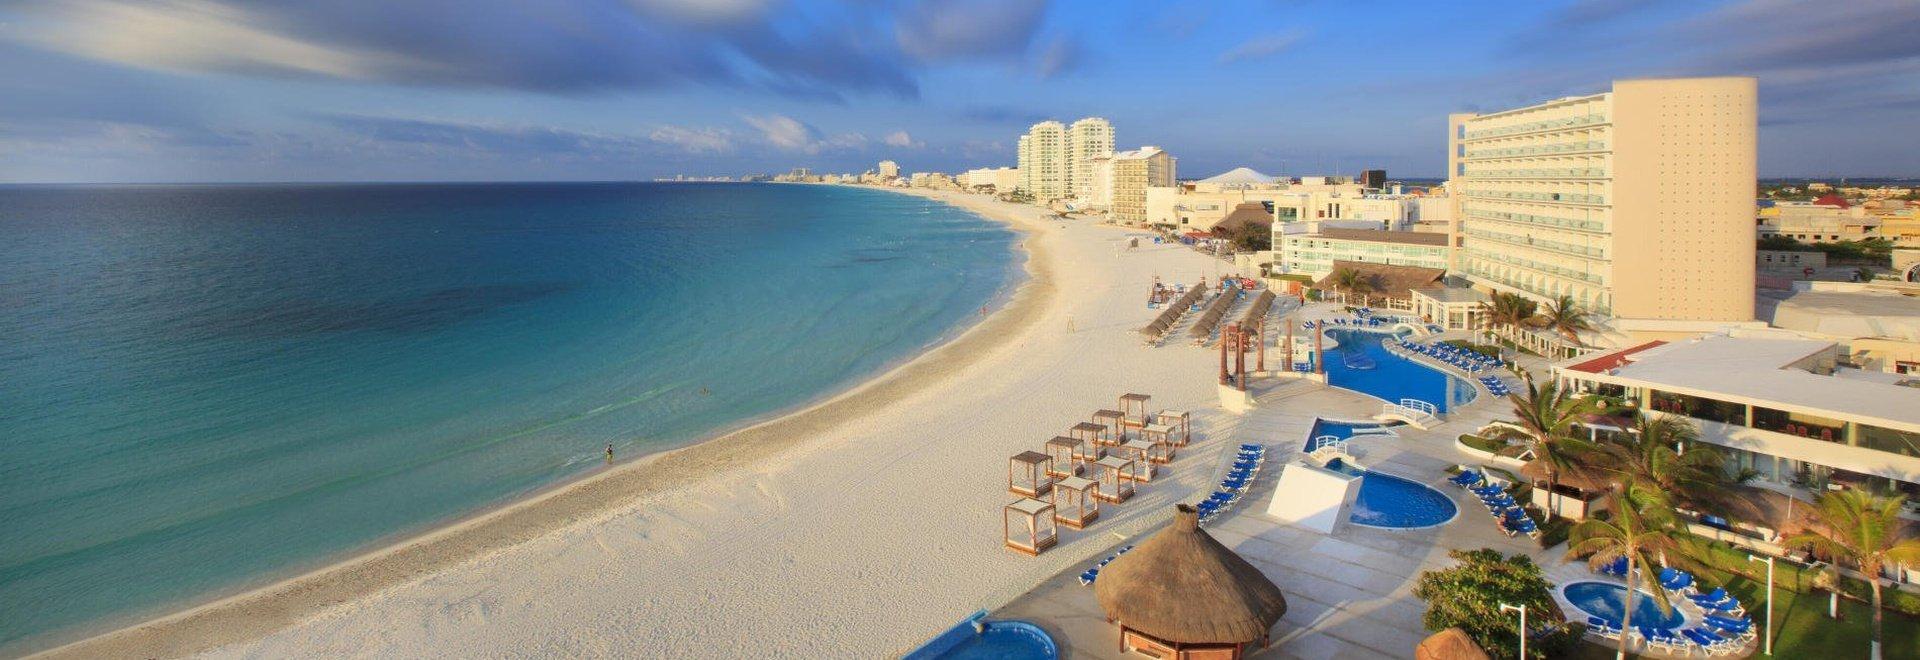 Krystal Cancún Hotel